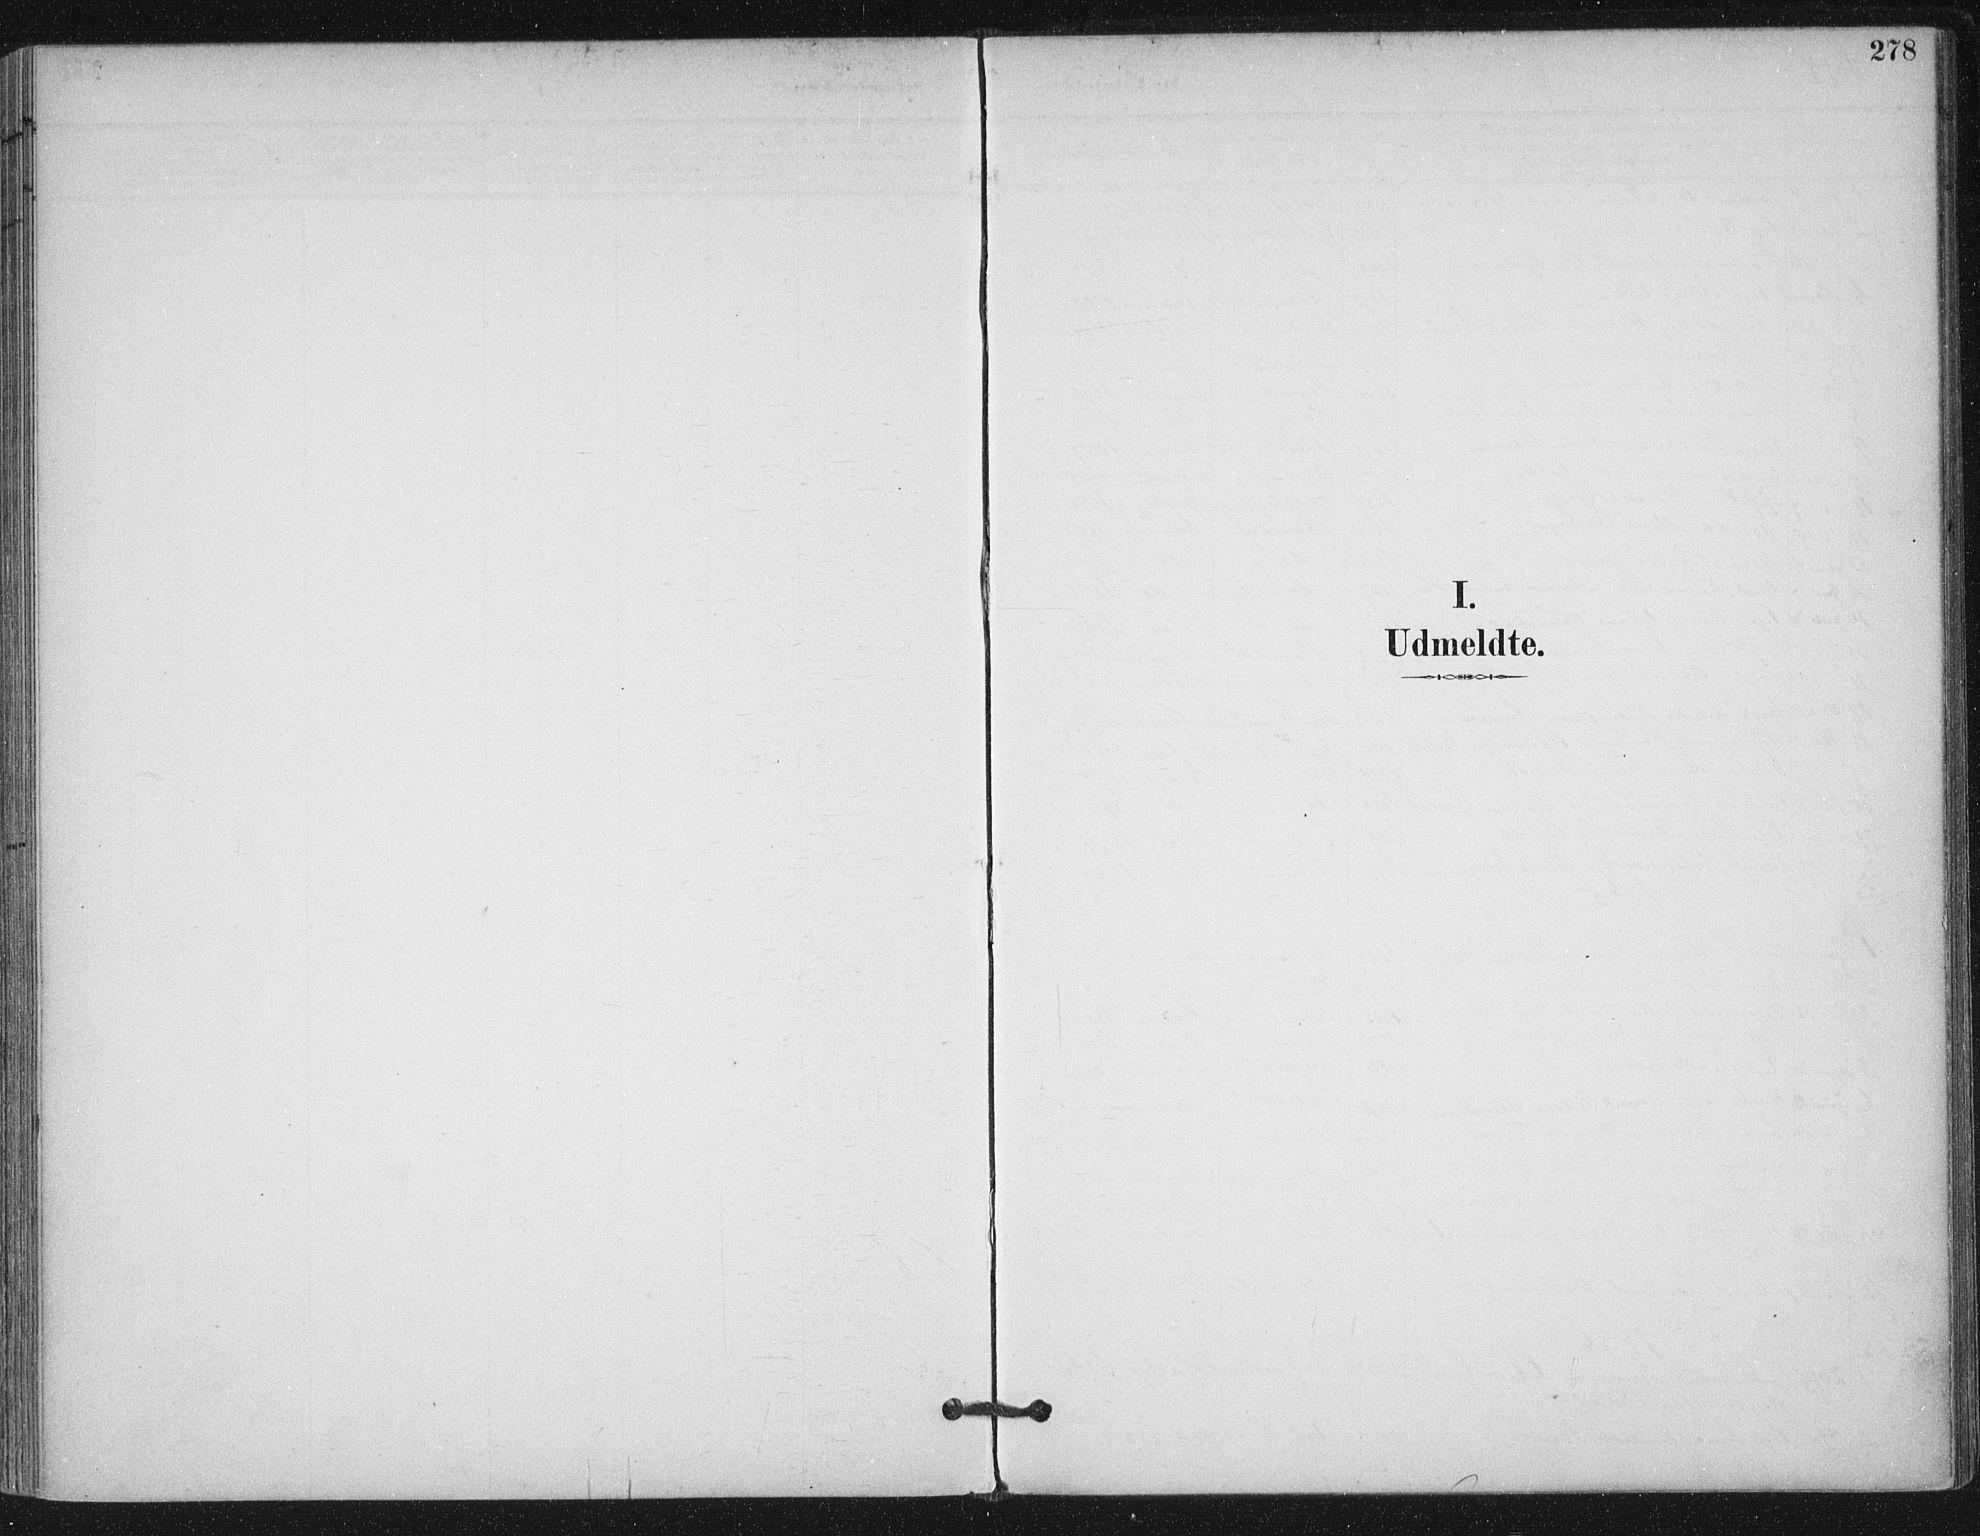 SAT, Ministerialprotokoller, klokkerbøker og fødselsregistre - Møre og Romsdal, 529/L0457: Ministerialbok nr. 529A07, 1894-1903, s. 278